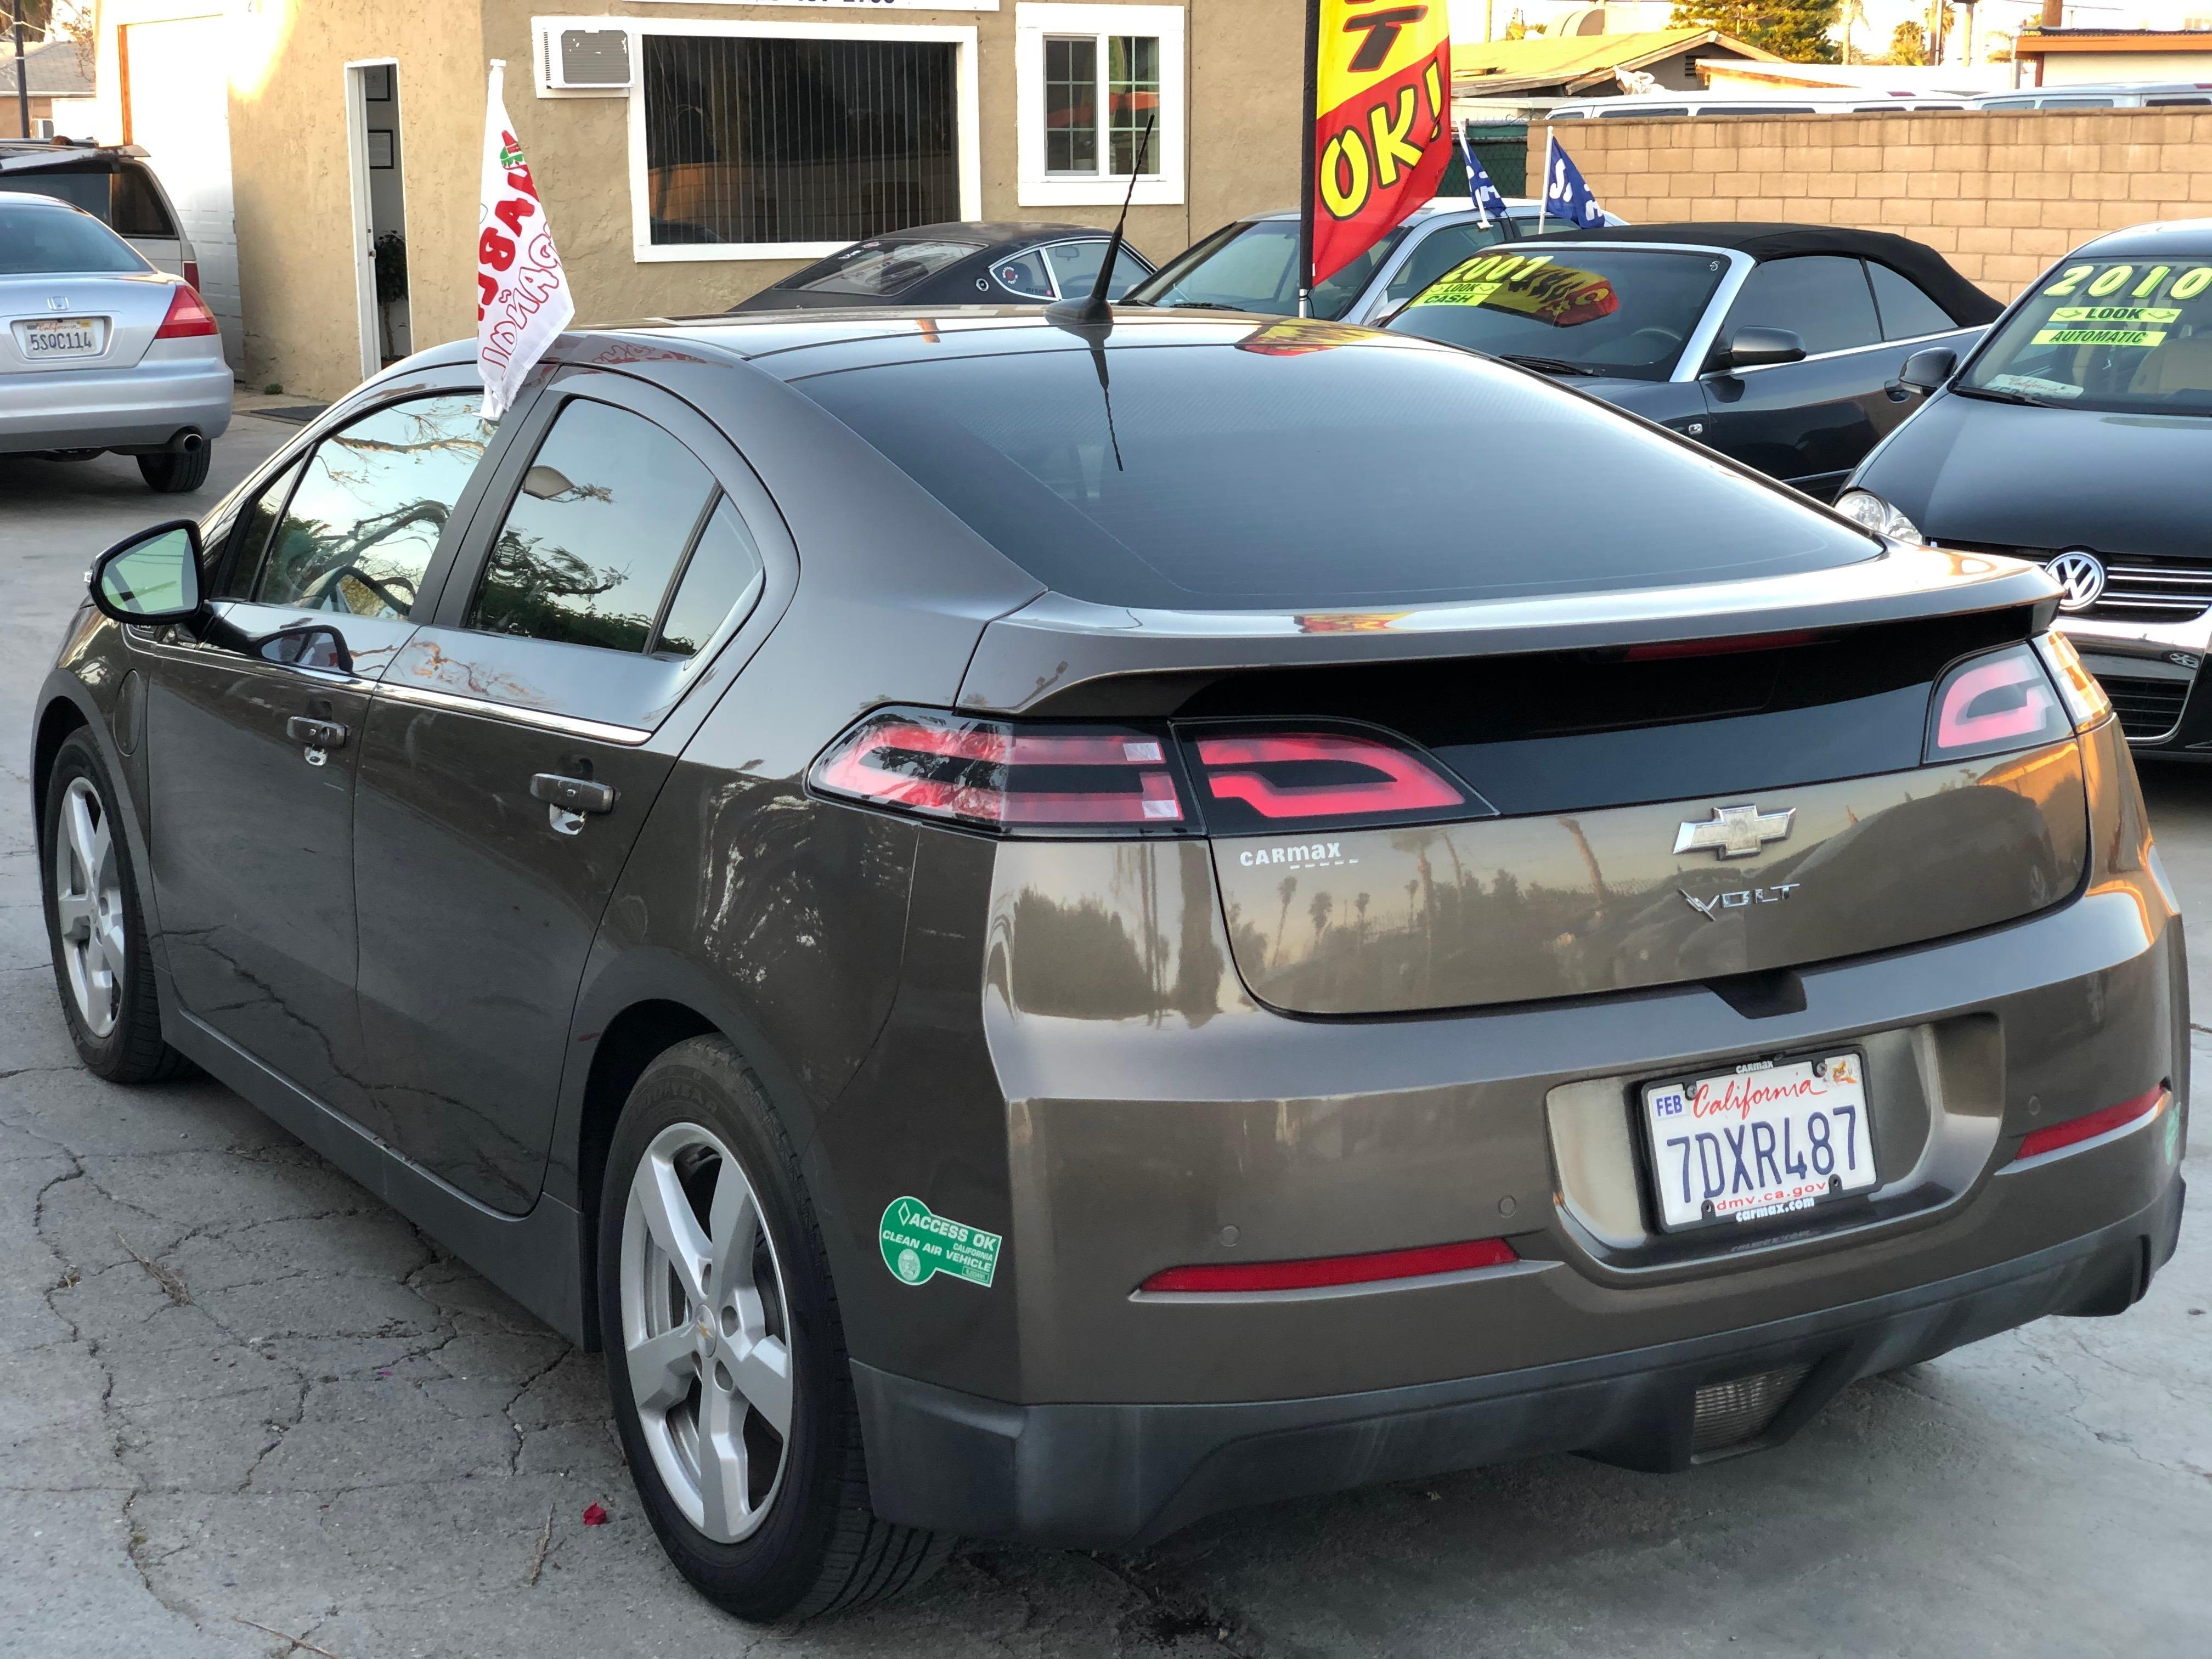 2014 Chevrolet Volt 5dr Hb S S Automotive Group Dealership In Riverside